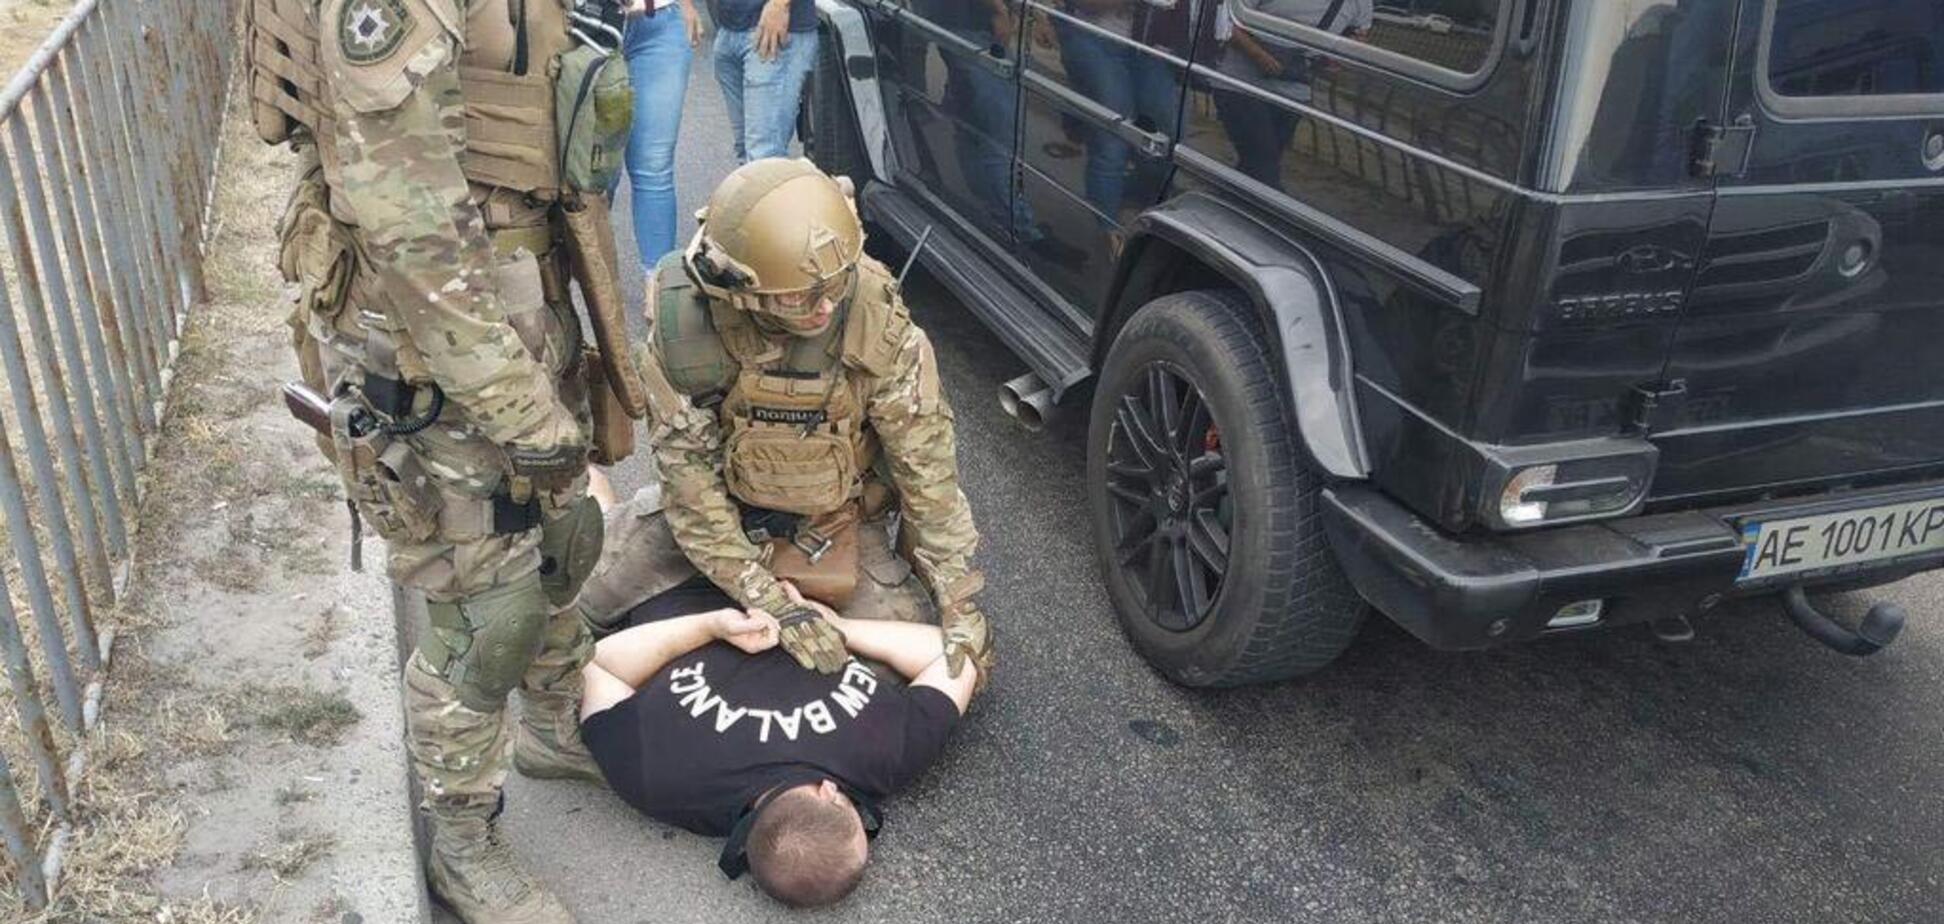 Викрадали людей і вимагали гроші: в Дніпрі затримали особливо небезпечних злочинців